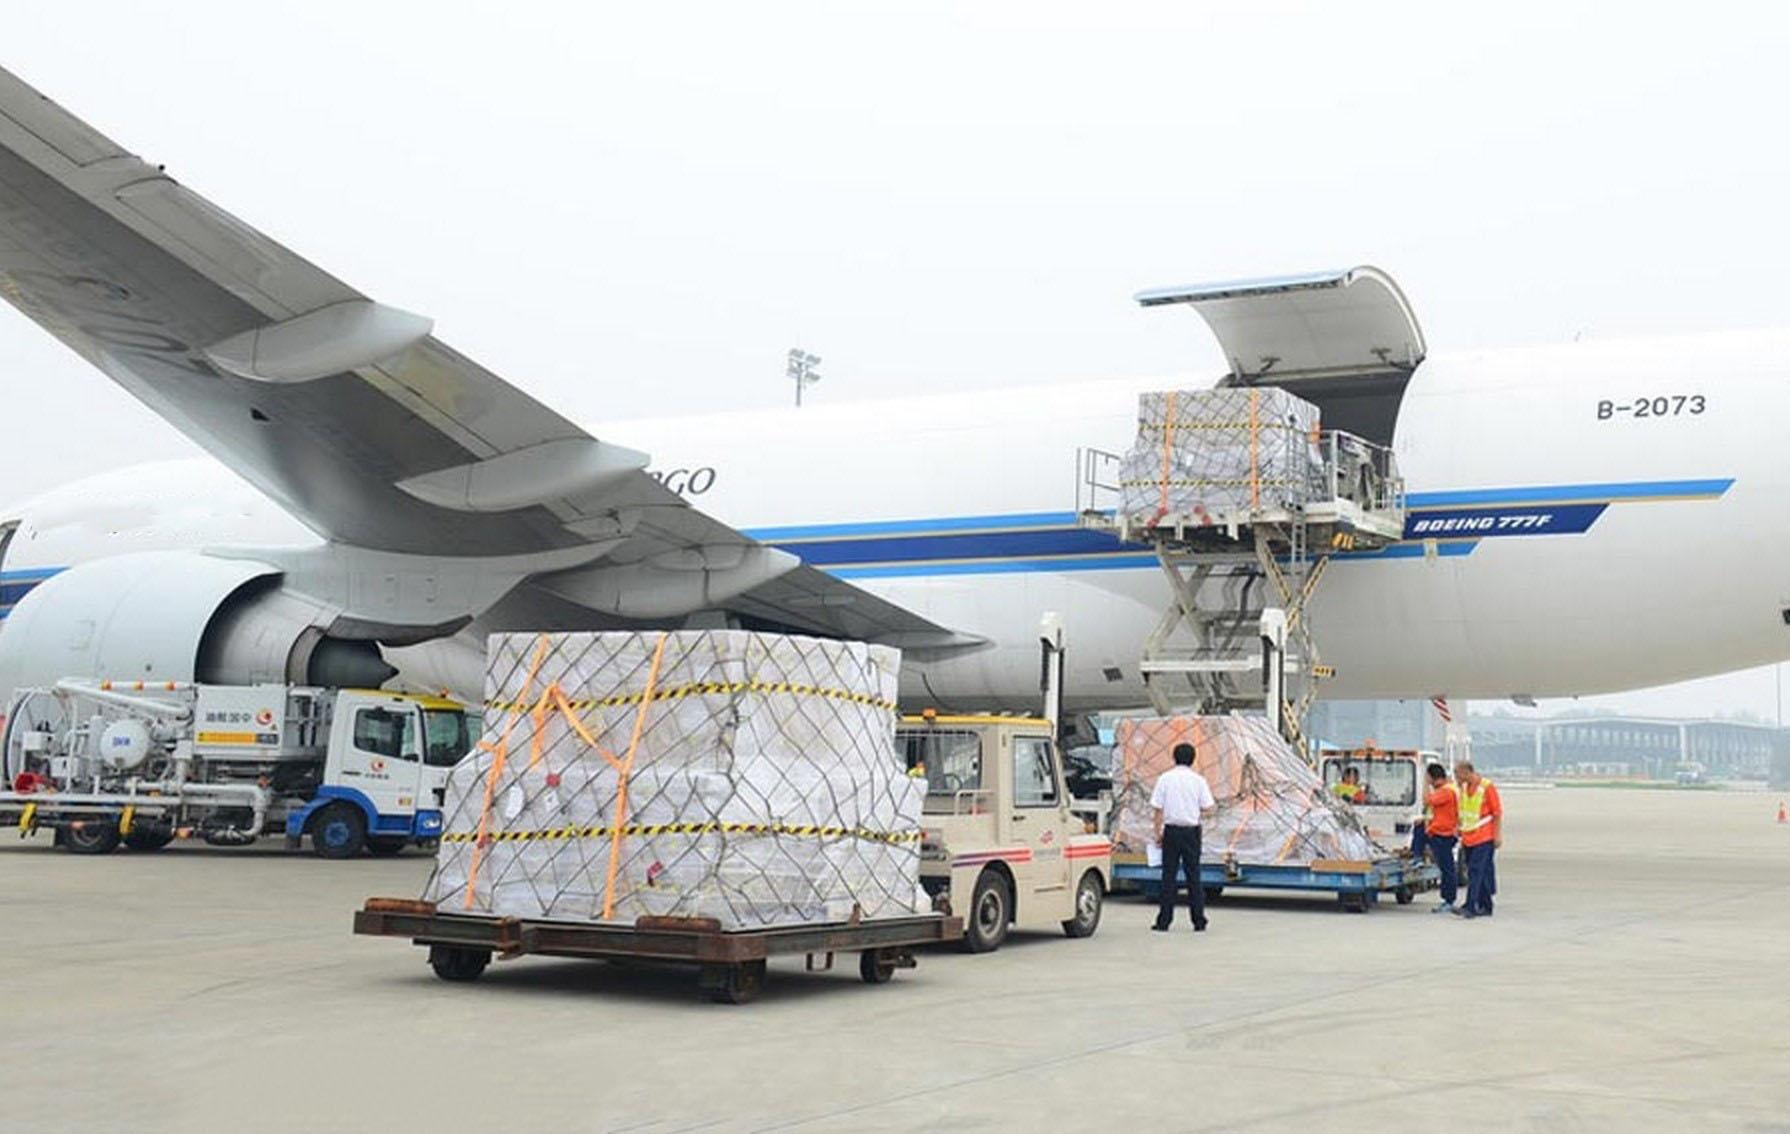 Gửi tôm khô đi nước ngoài bằng an toàn nhanh chóng bằng máy bay